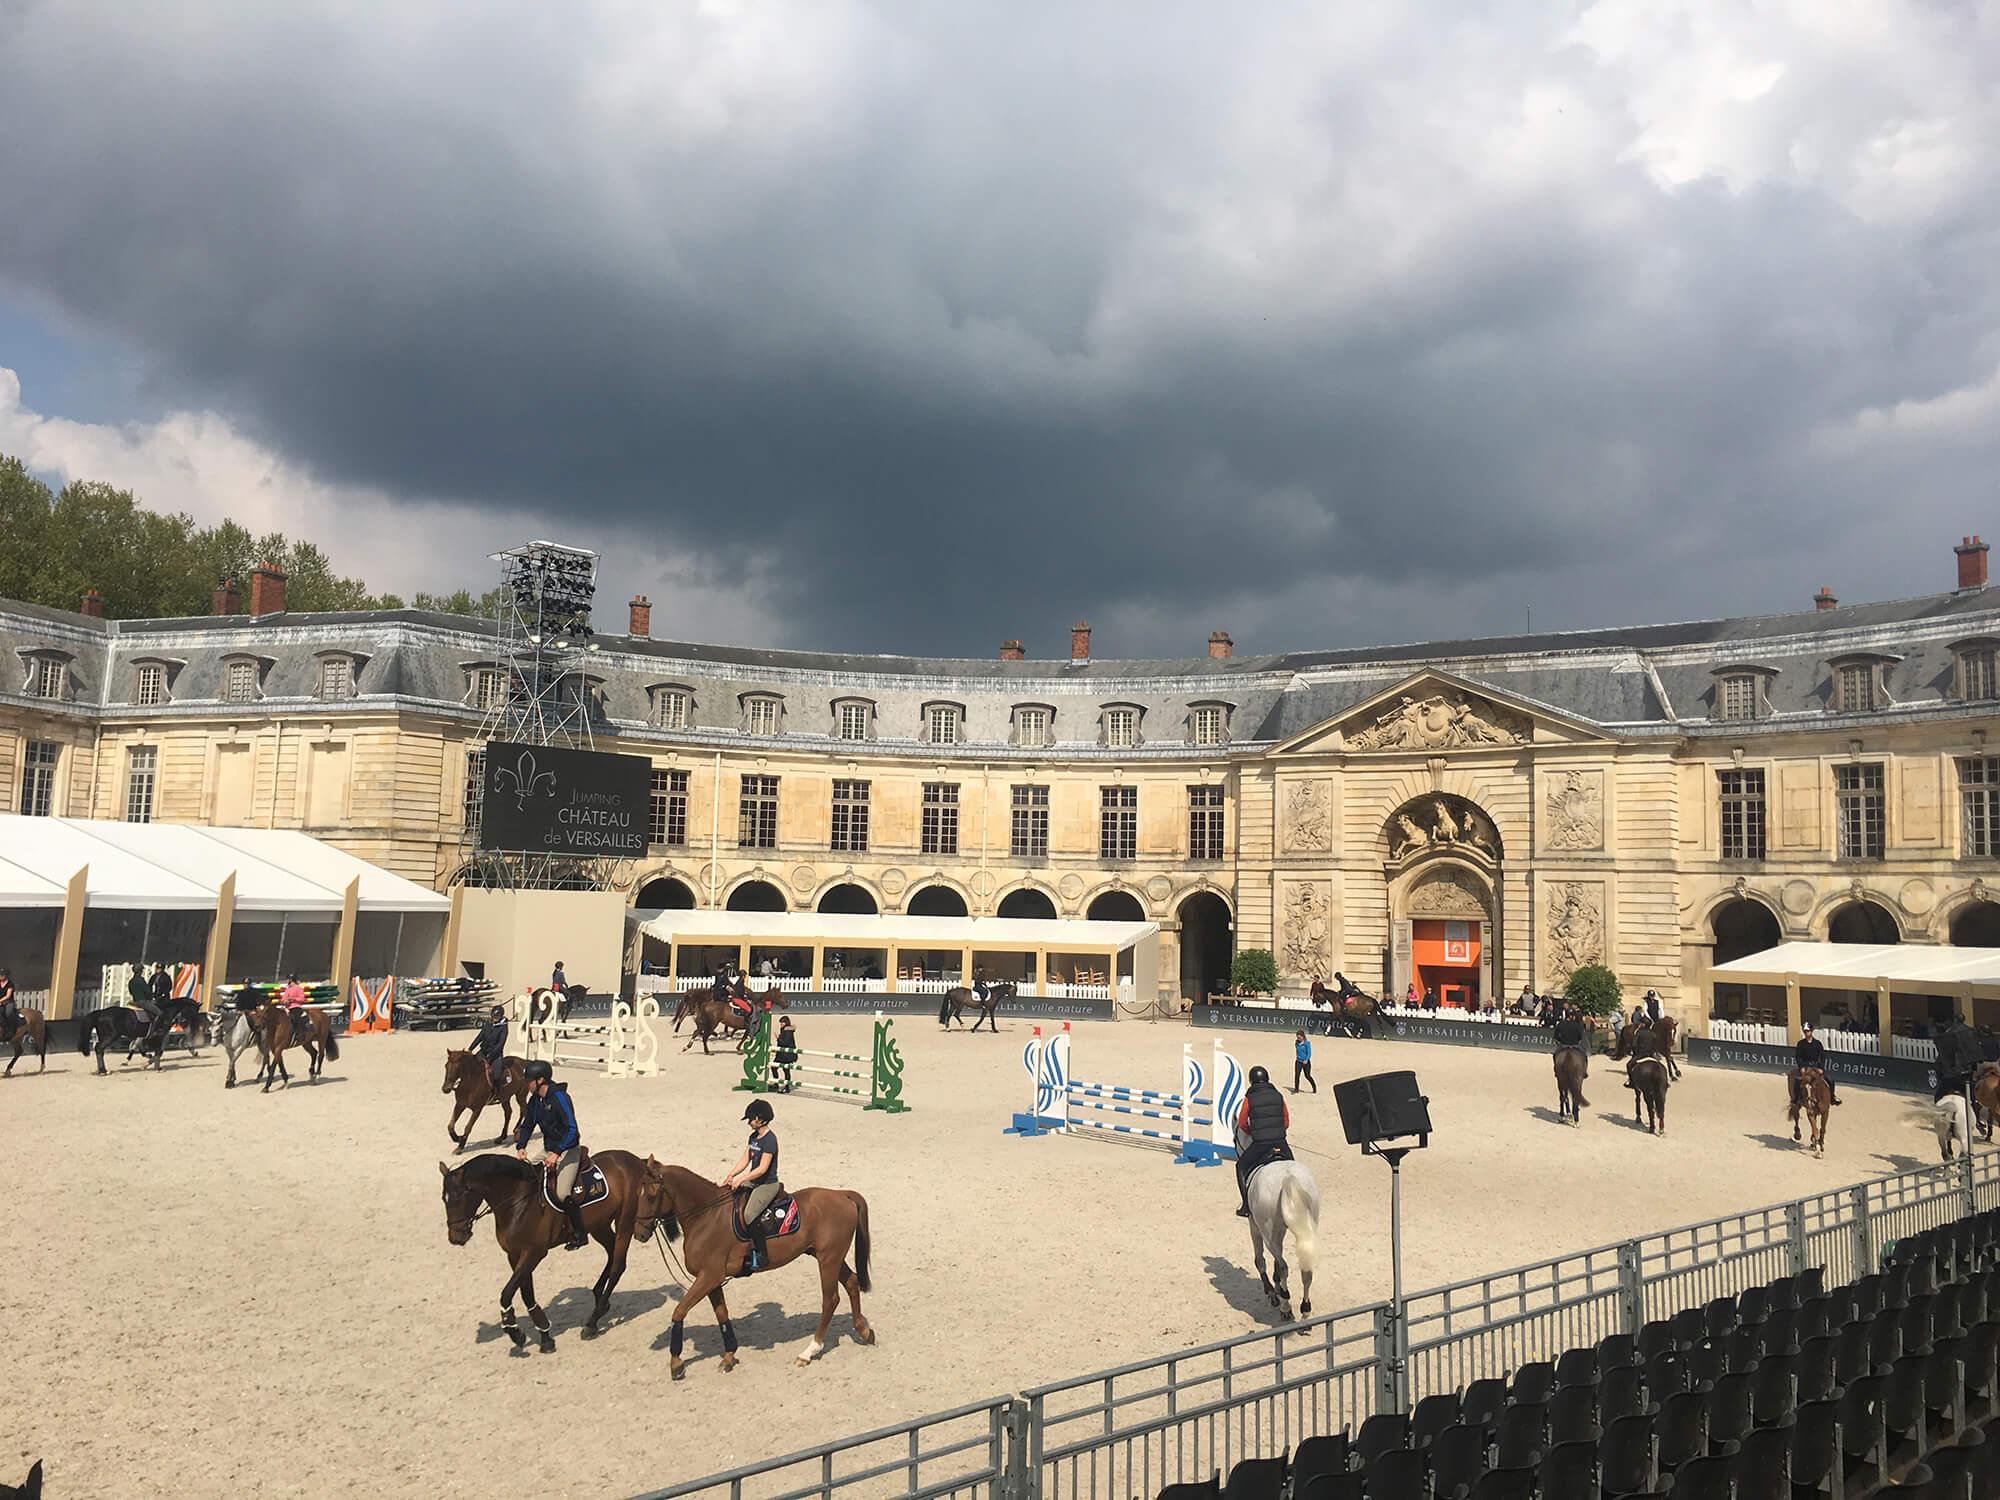 Många hästar och ryttare syns på bild med ett stort mörkt moln ovanför